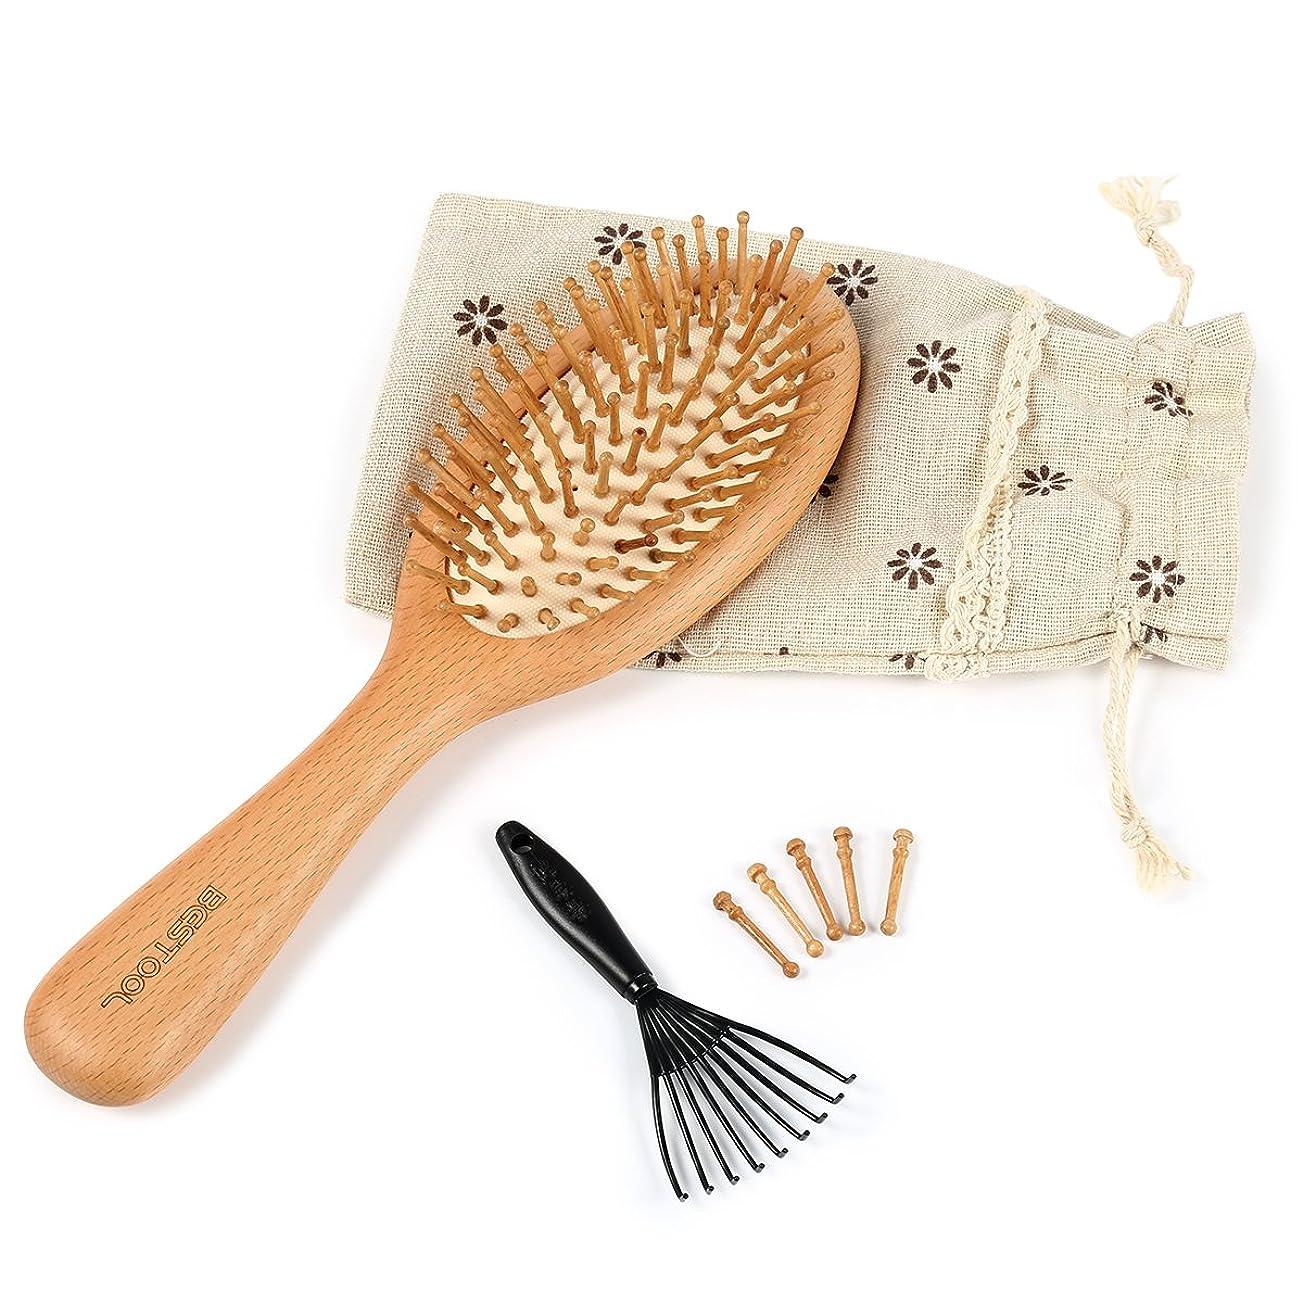 さておきフェッチ古代ヘアブラシ 木製櫛 Bestool 美髪ケア 頭皮マッサージ 薄毛改善 血流改善 高級ヘアブラシ ヘア保護 (S)